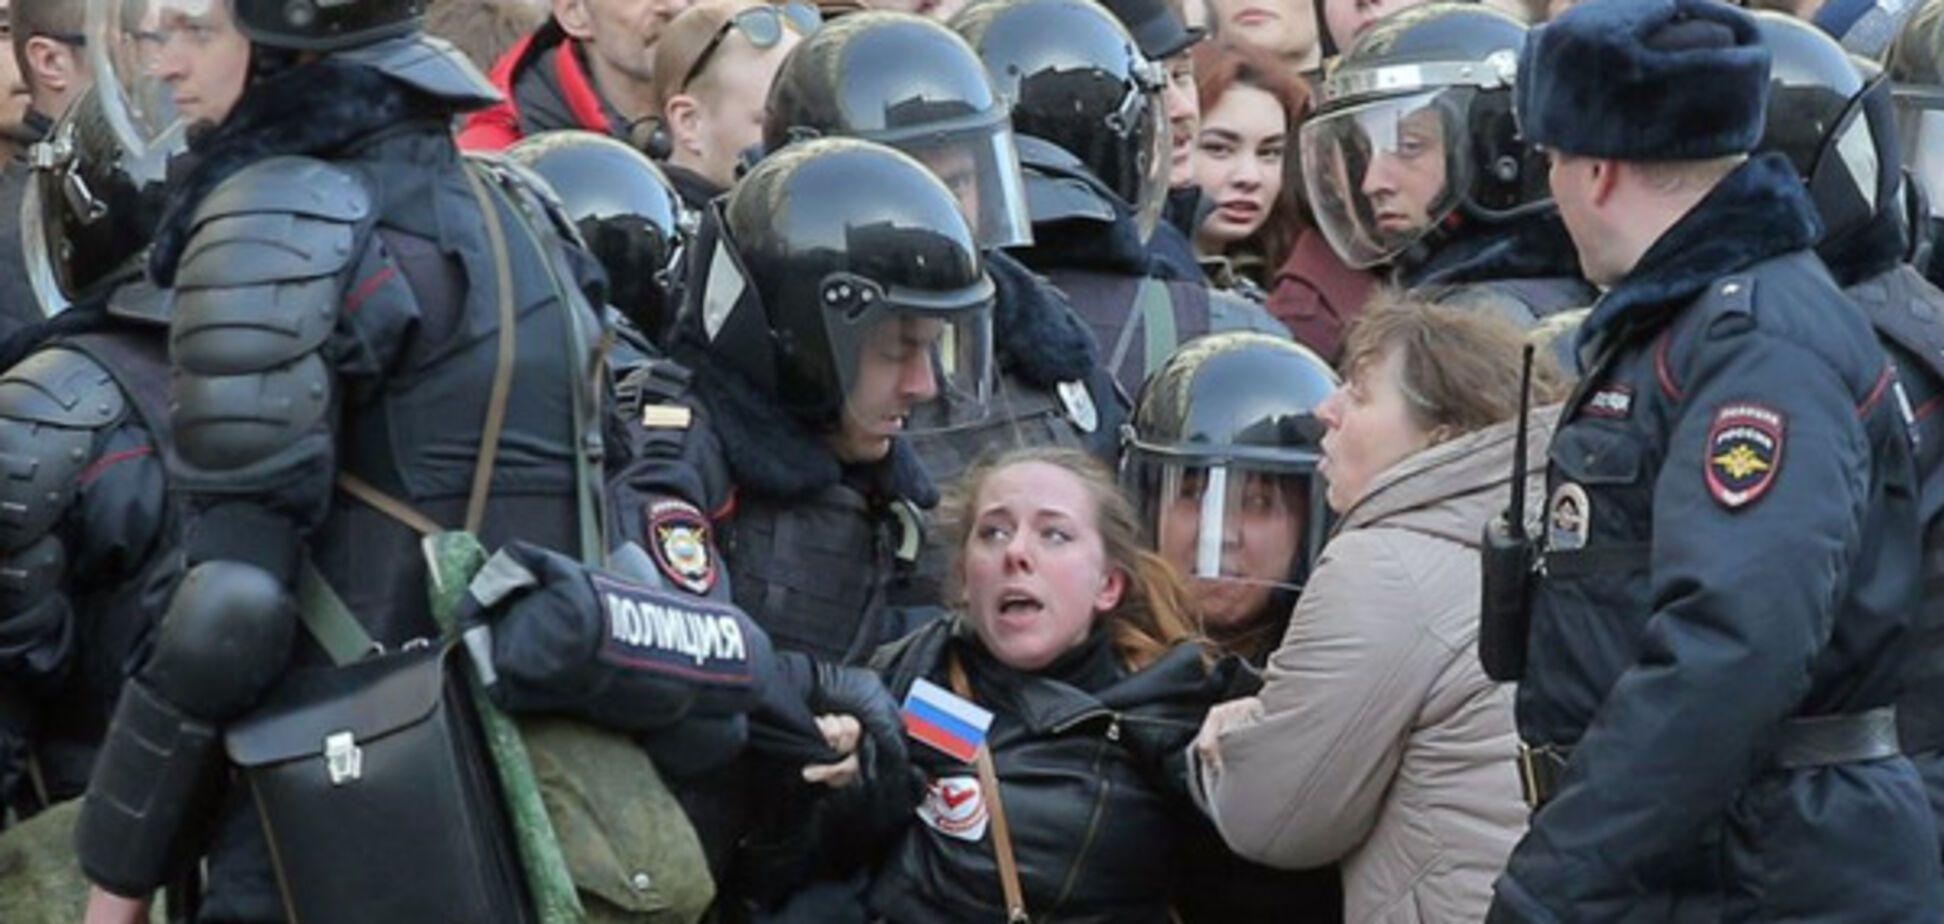 РосТВ промовчати про масштабні затримання в Москві